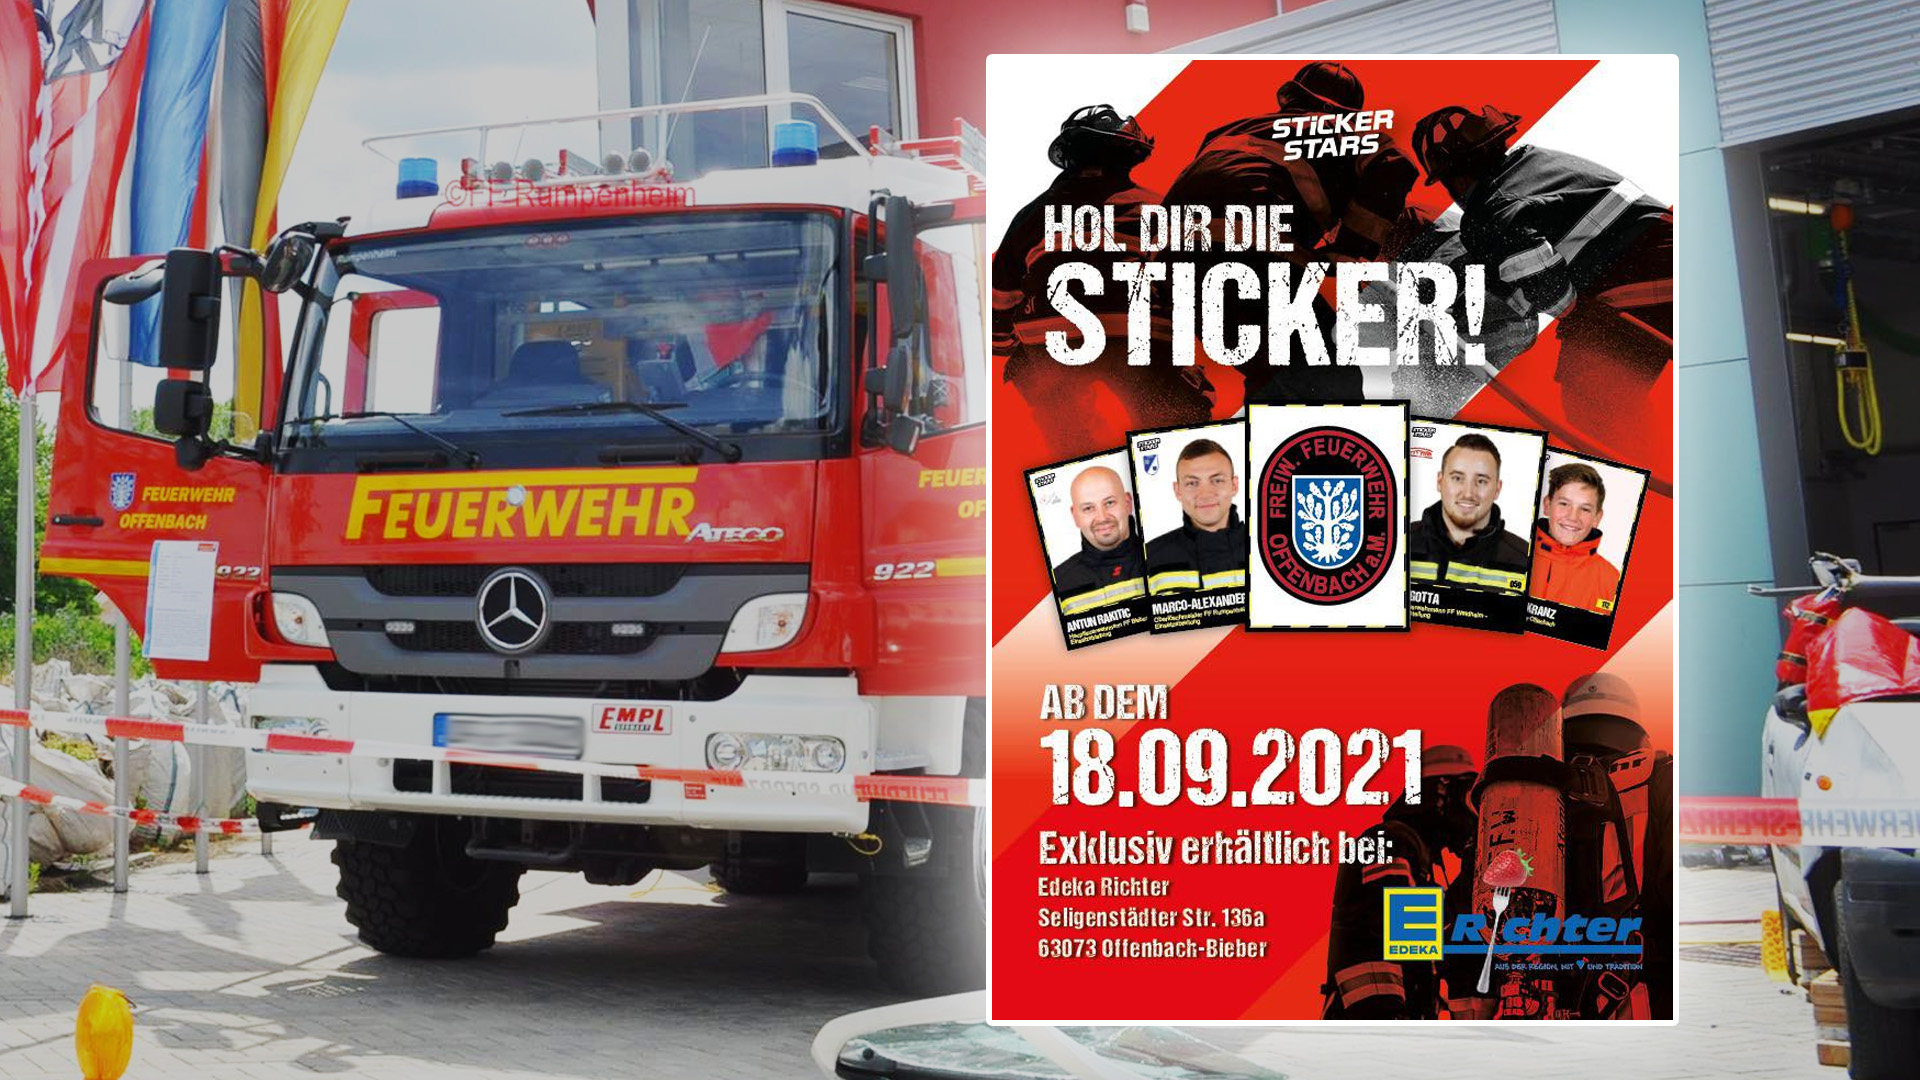 freiwillige Feuerwehr Offenbach Stickerstars